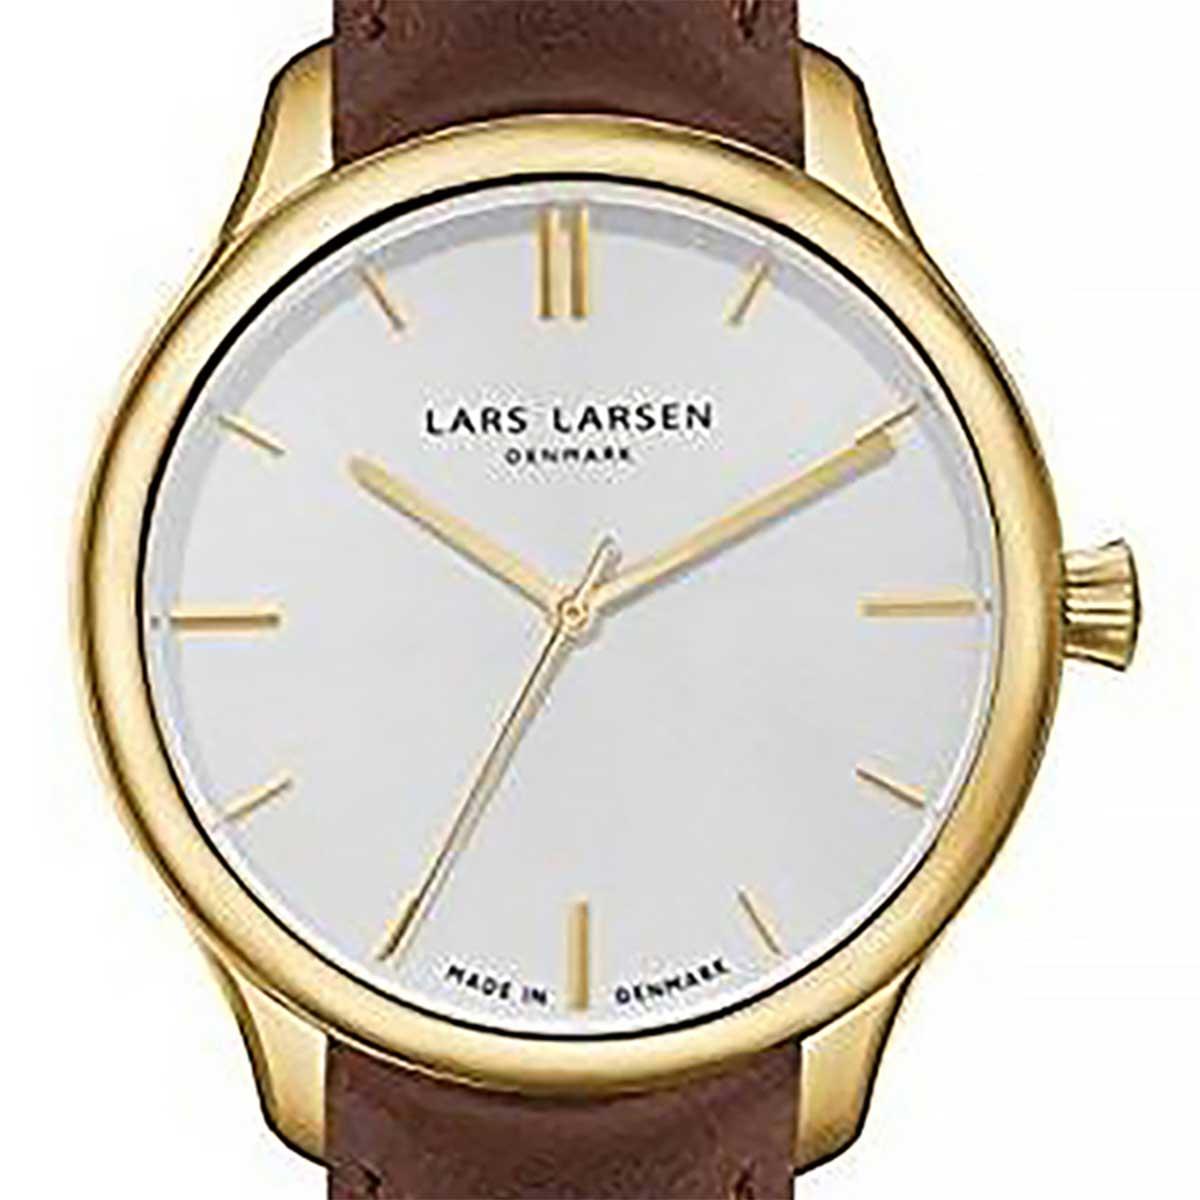 LARS LARSEN ラースラーセン (LLARSEN エルラーセン) 電池式クォーツ 腕時計 [WH120GB-BLG20] 並行輸入品